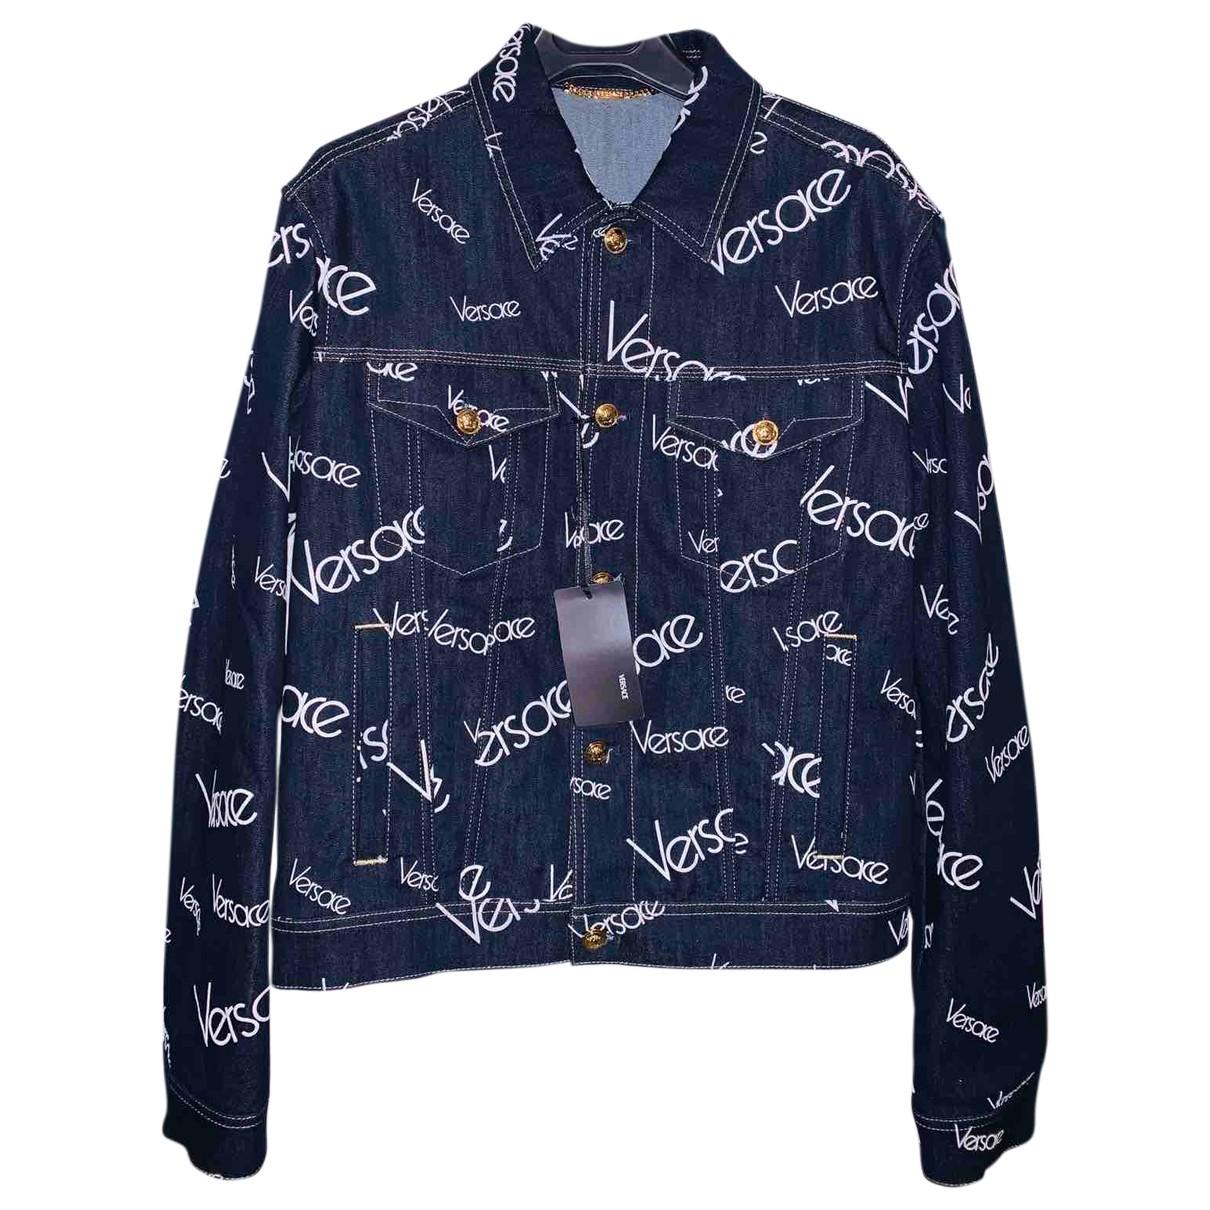 Versace \N Jacke in  Blau Denim - Jeans